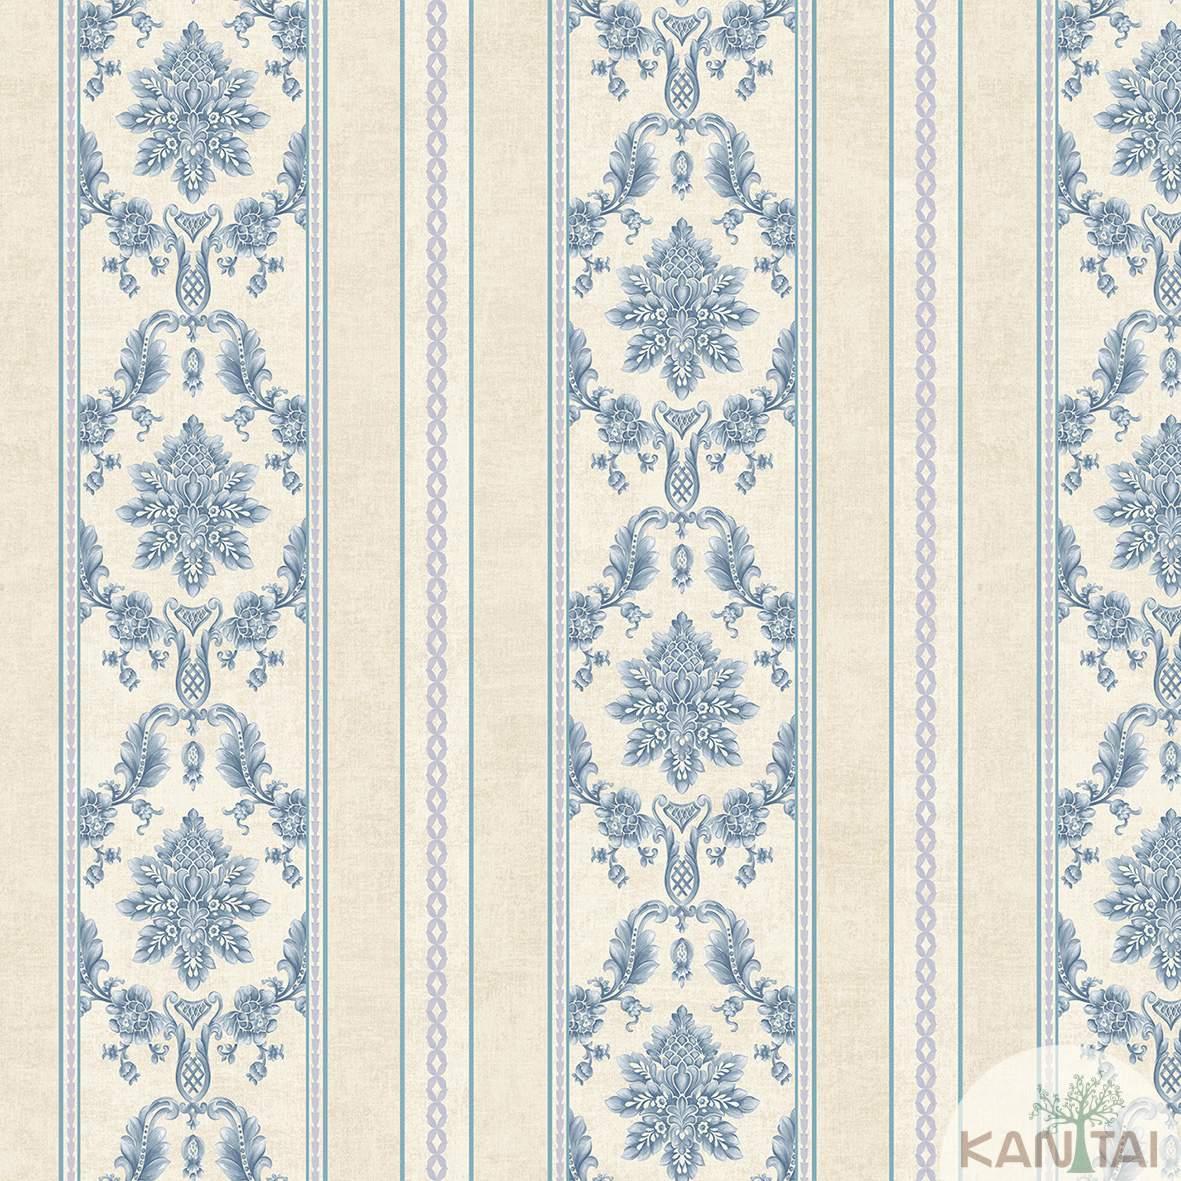 Papel de Parede Kan Tai Non Woven Coleção Flora 2 Baixo relevo Arabesco Listras Bege, Azul anil